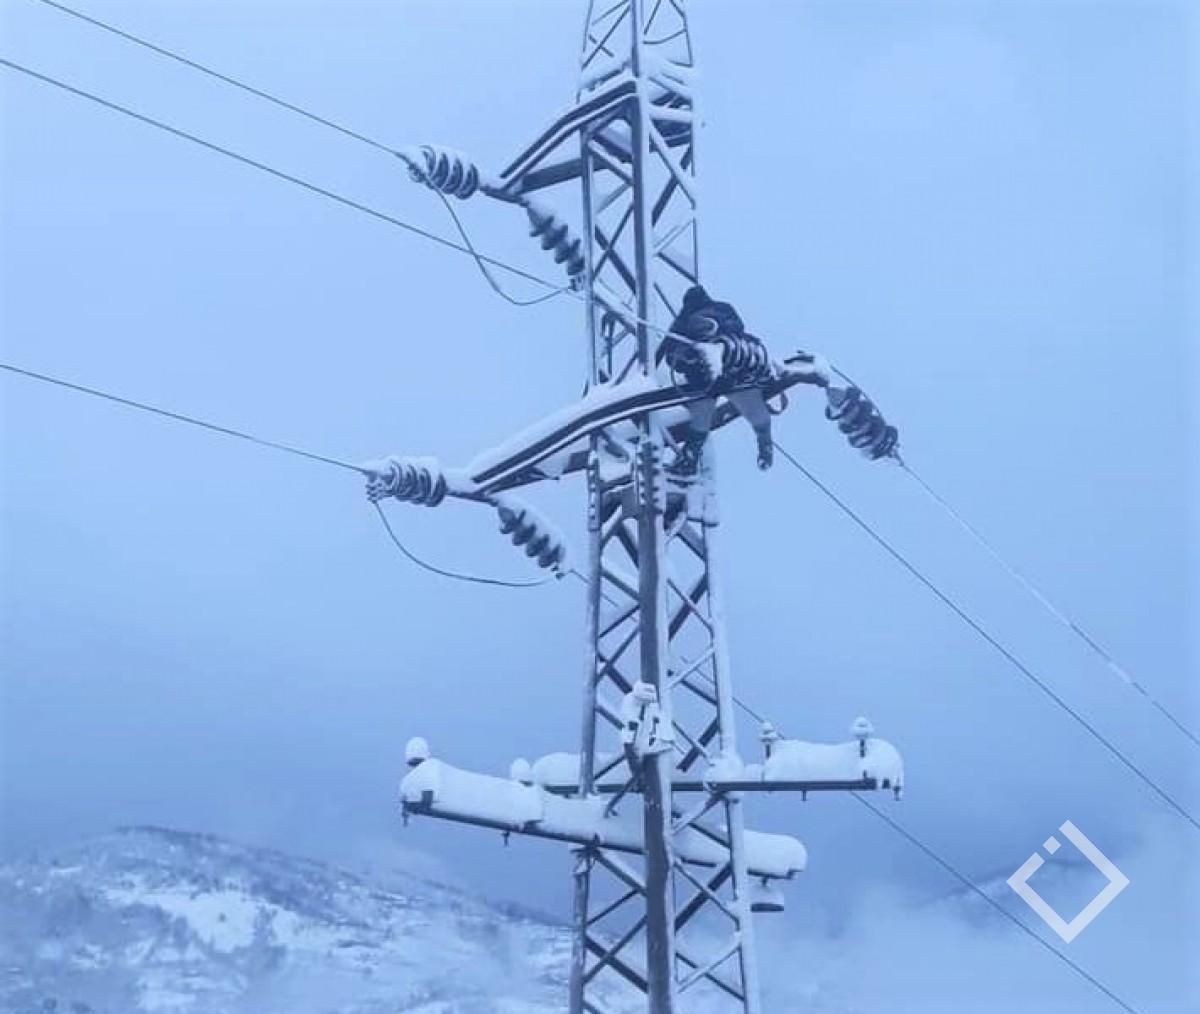 მაღალმთიანი აჭარა დიდწილად ელექტროენერგიის გარეშე დარჩა - თოვლის საფარი მერტს აღწევს